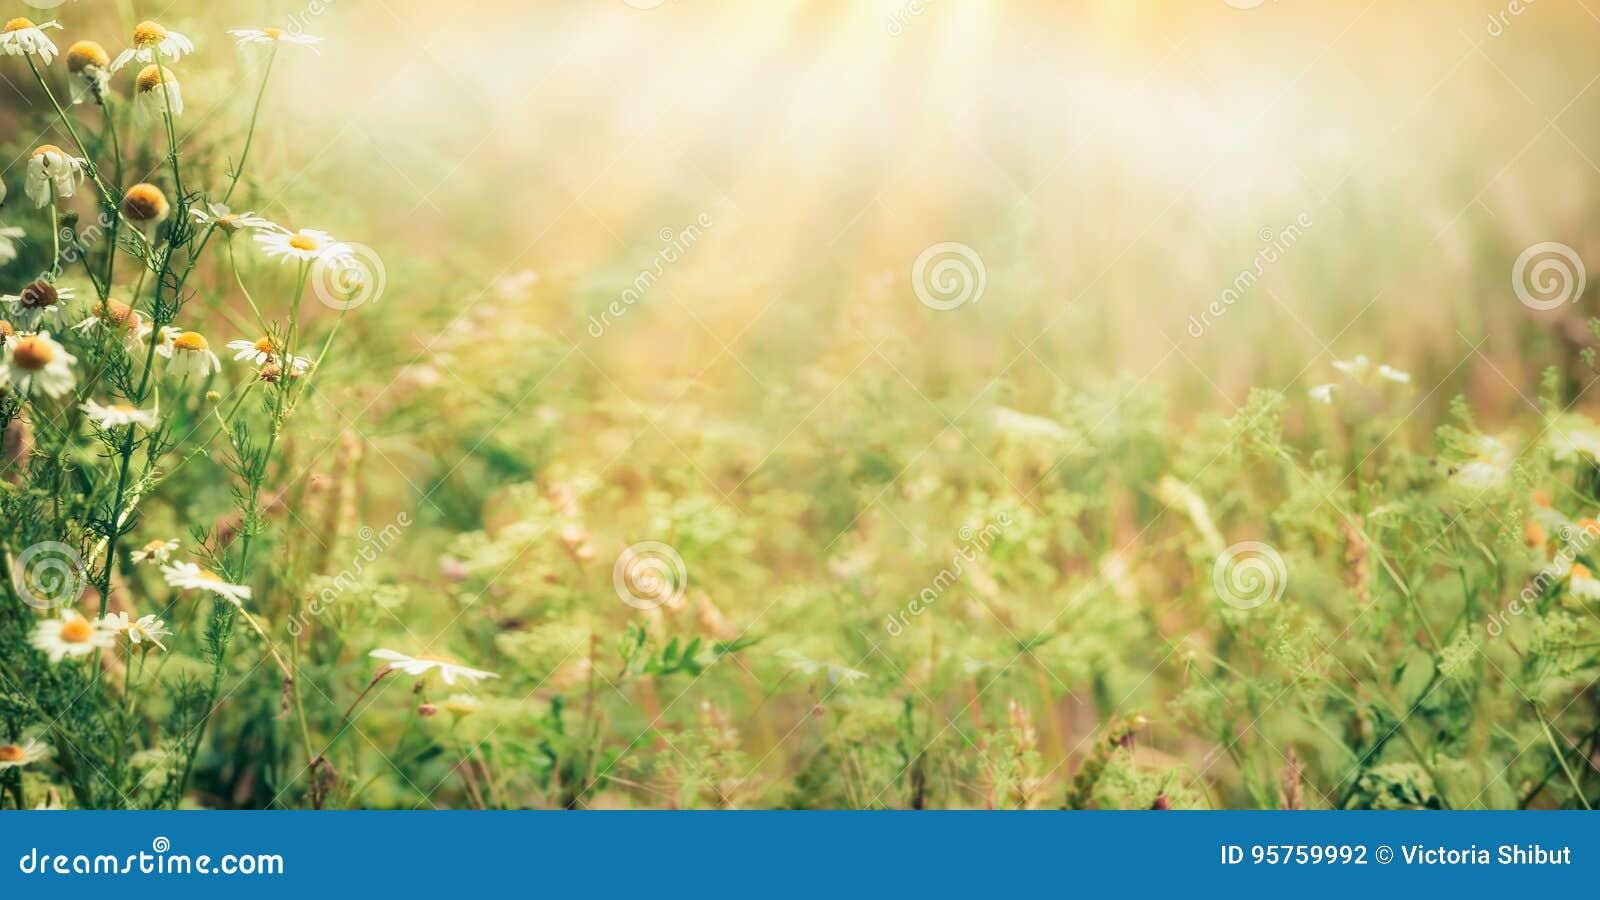 Fond extérieur de nature de belle fin d été avec les herbes et les fleurs sauvages sur le pré avec des rayons de soleil